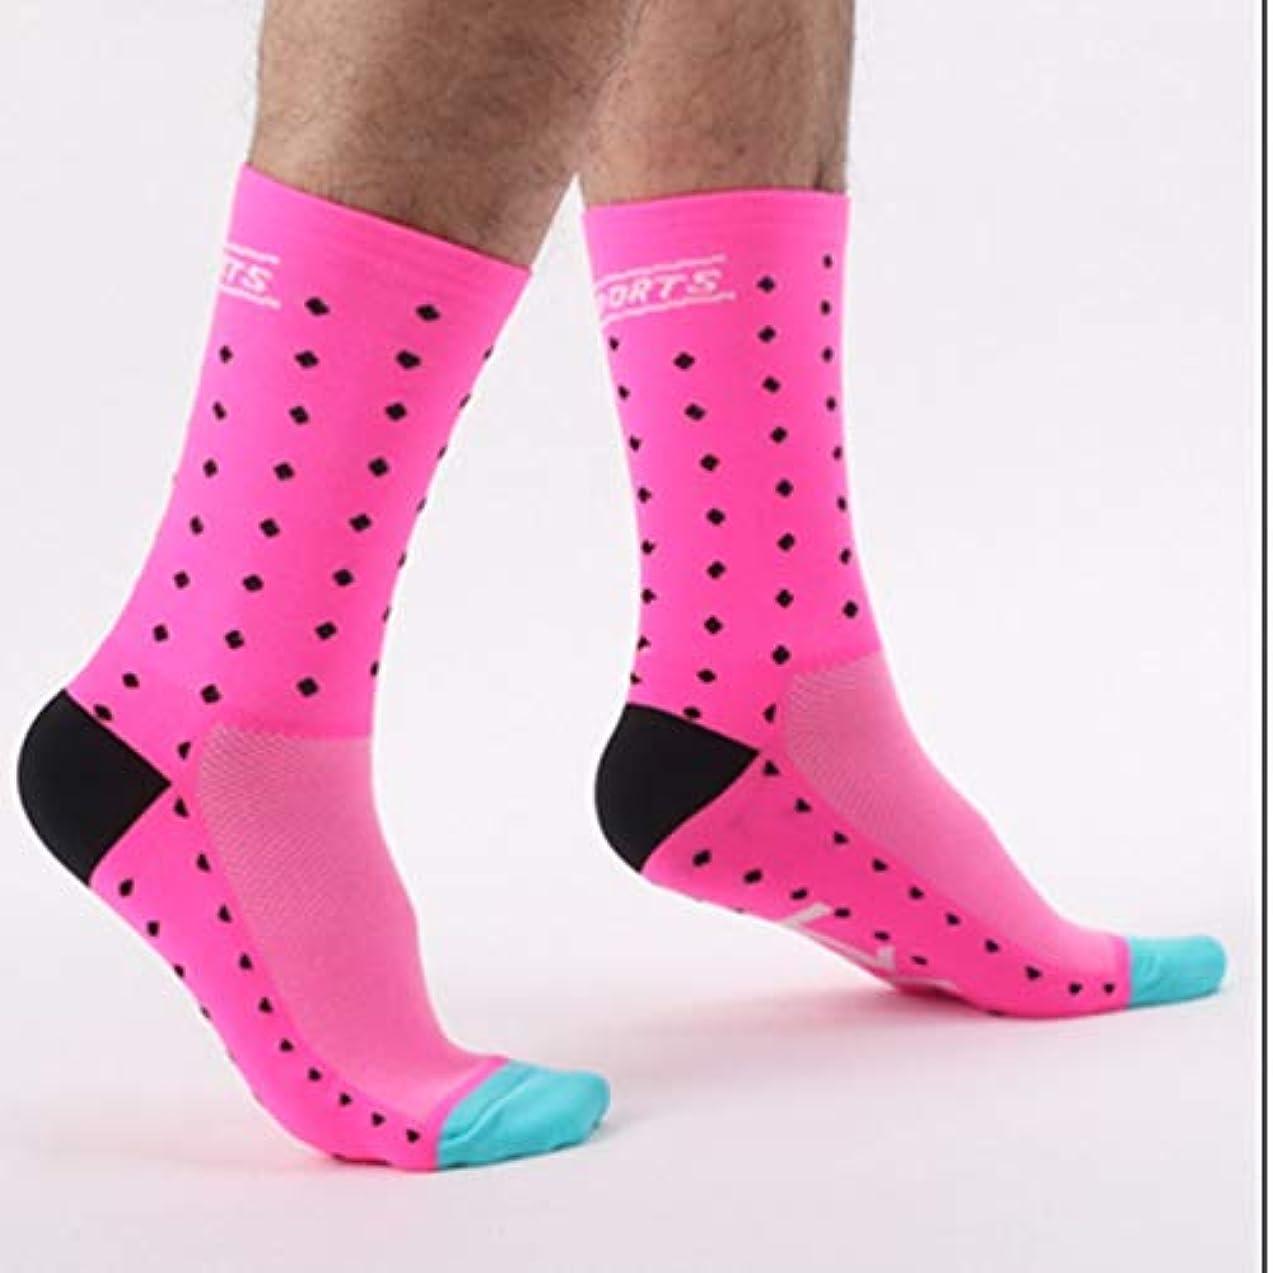 不利益呼び出すコミュニティDH04快適なファッショナブルな屋外サイクリングソックス男性女性プロの通気性スポーツソックスバスケットボールソックス - ピンク